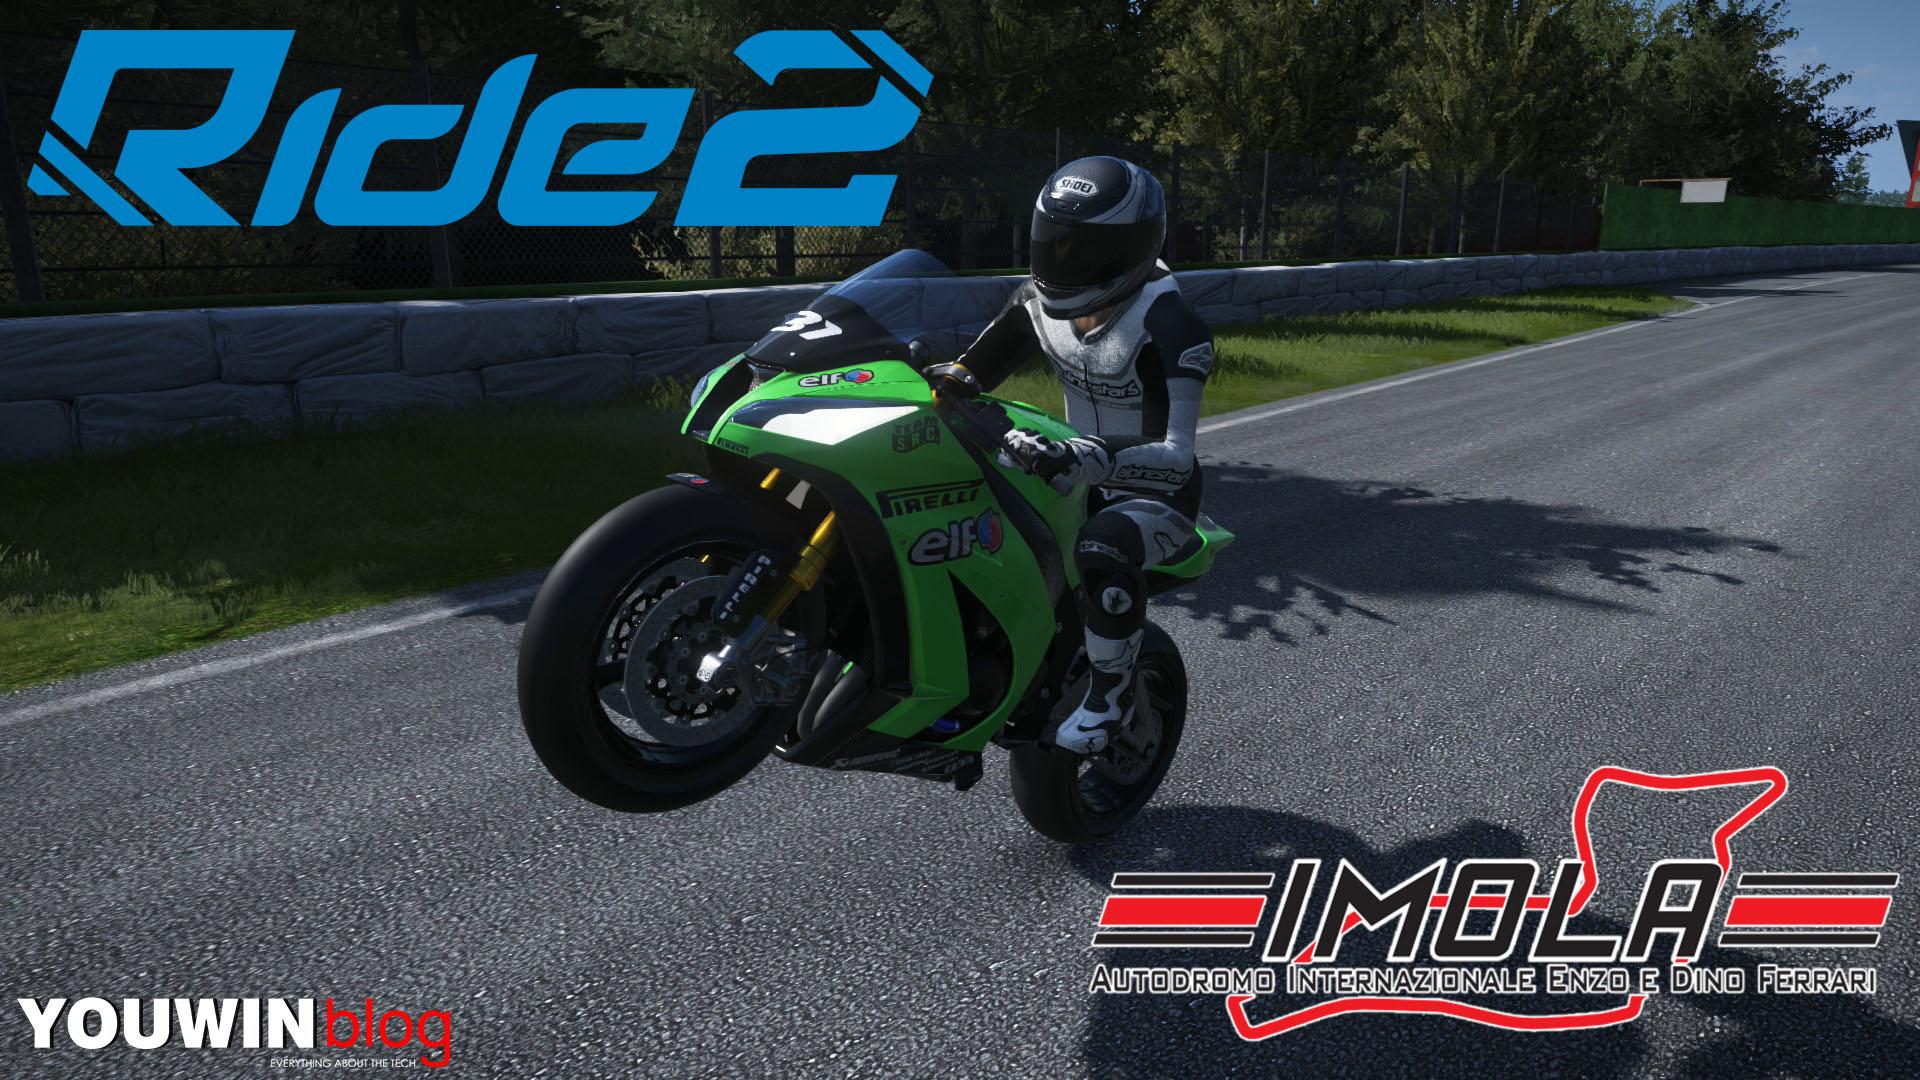 Ride 2 – Race Kawasaki Ninja ZX-10R @ Imola